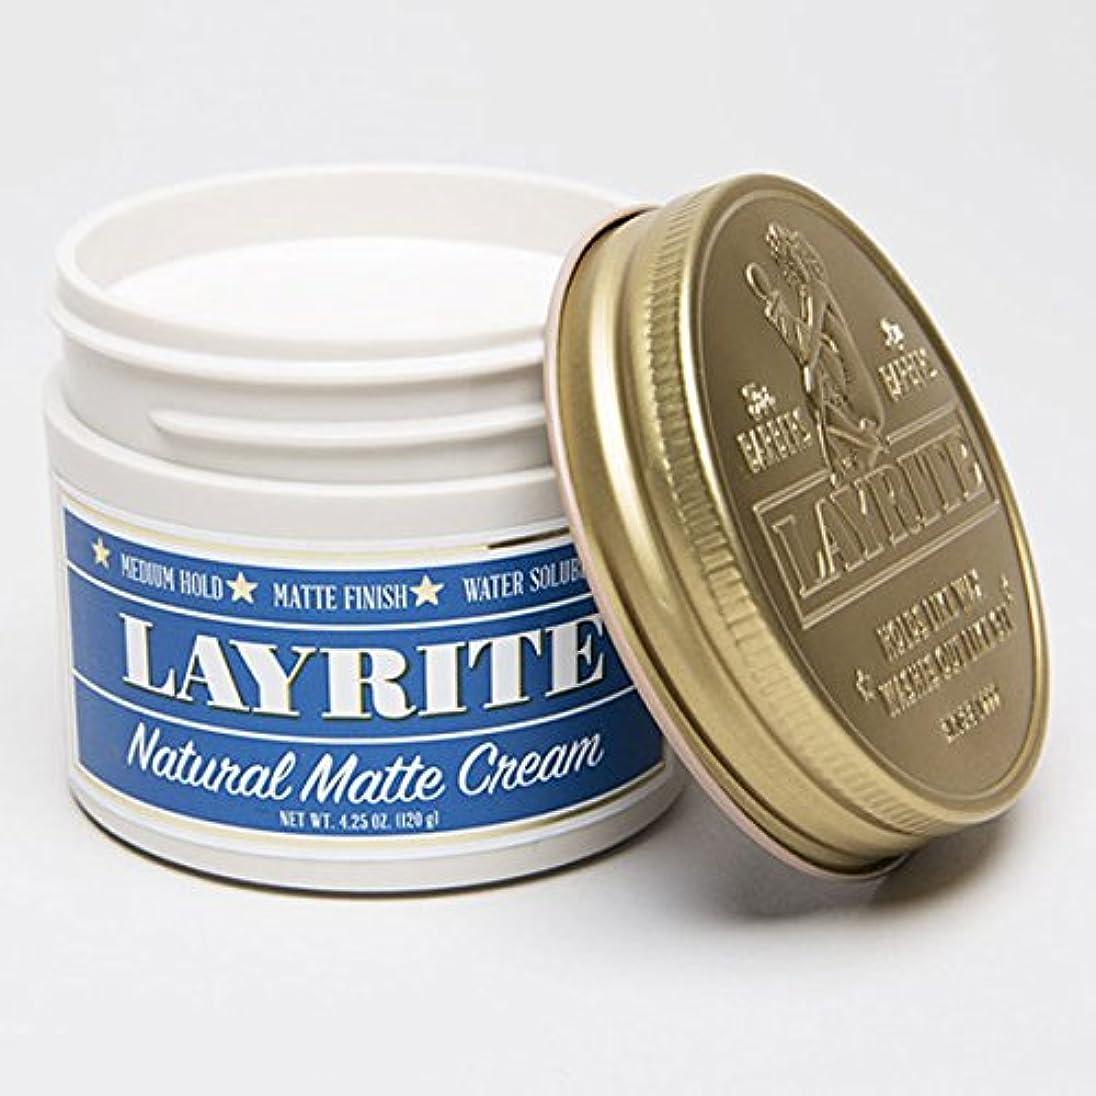 去る公爵夫人加入LAYRITE レイライト 【Natural Matte Cream Pomade】 水性ポマード ミディアムホールド 4.25OZ(約120G)